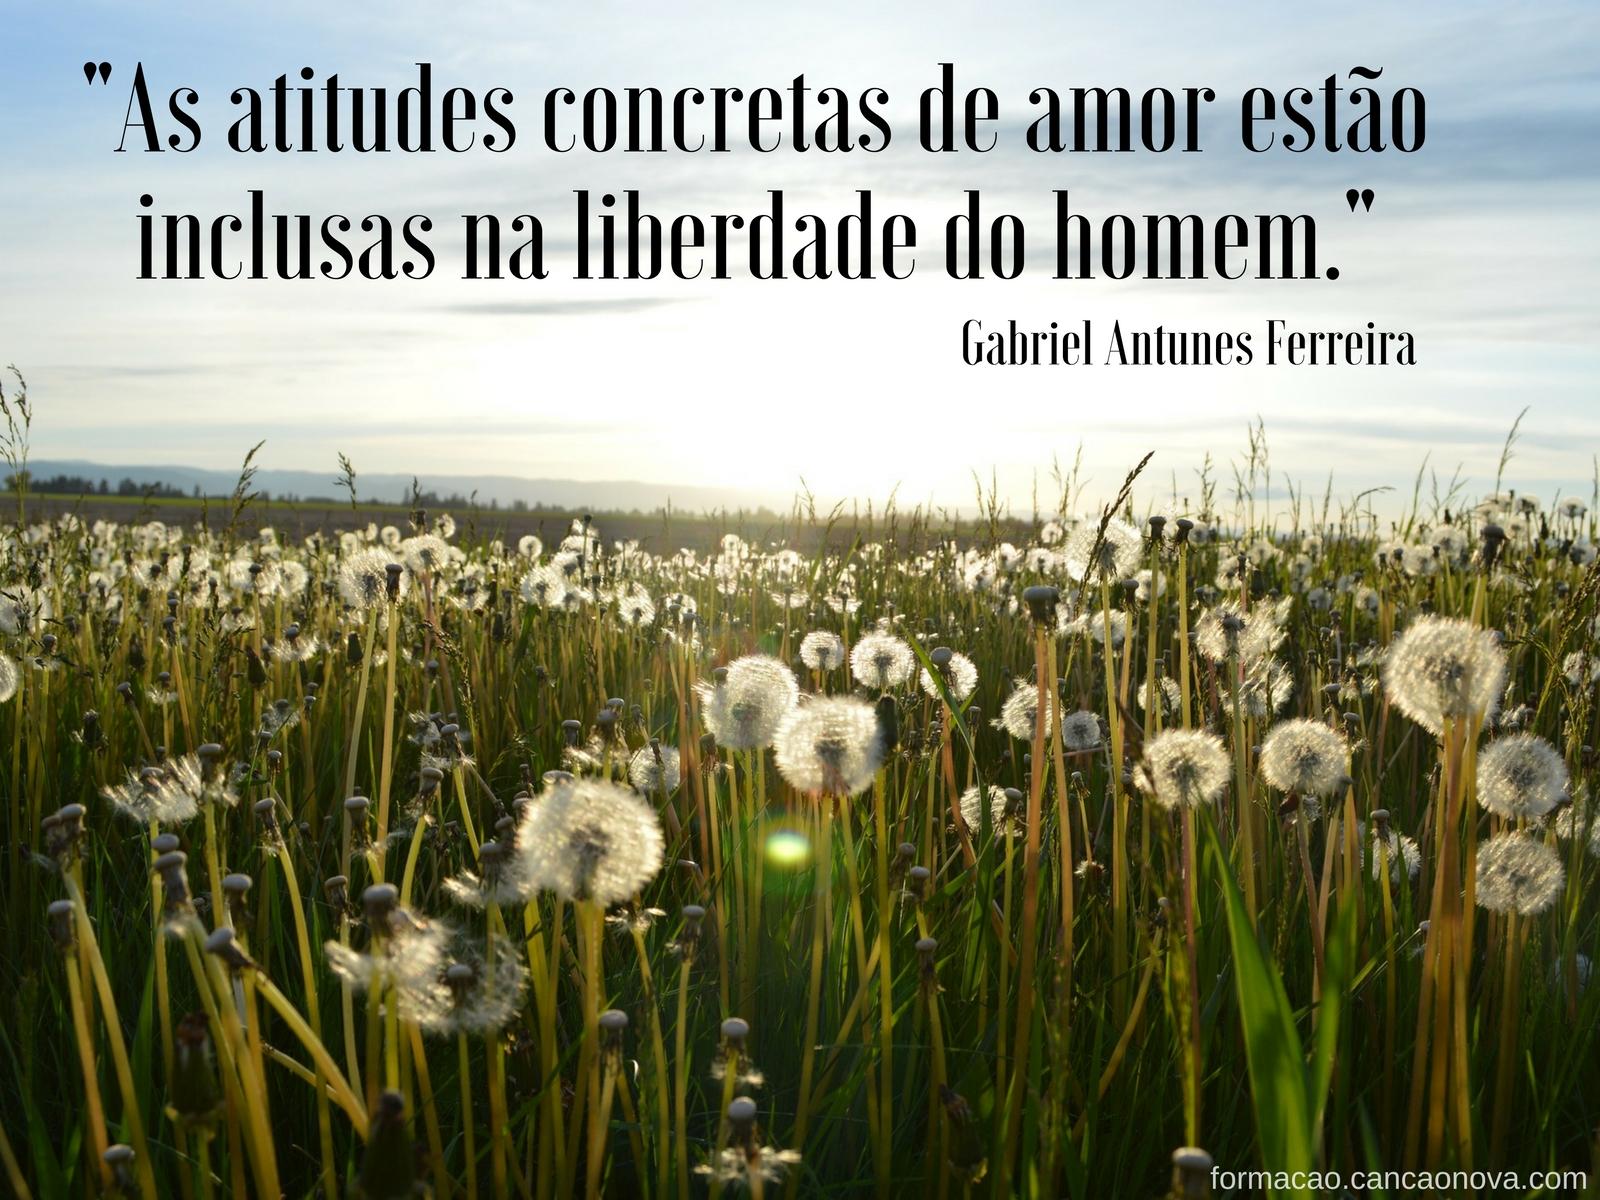 Gabriel Antunes Ferreira (2)